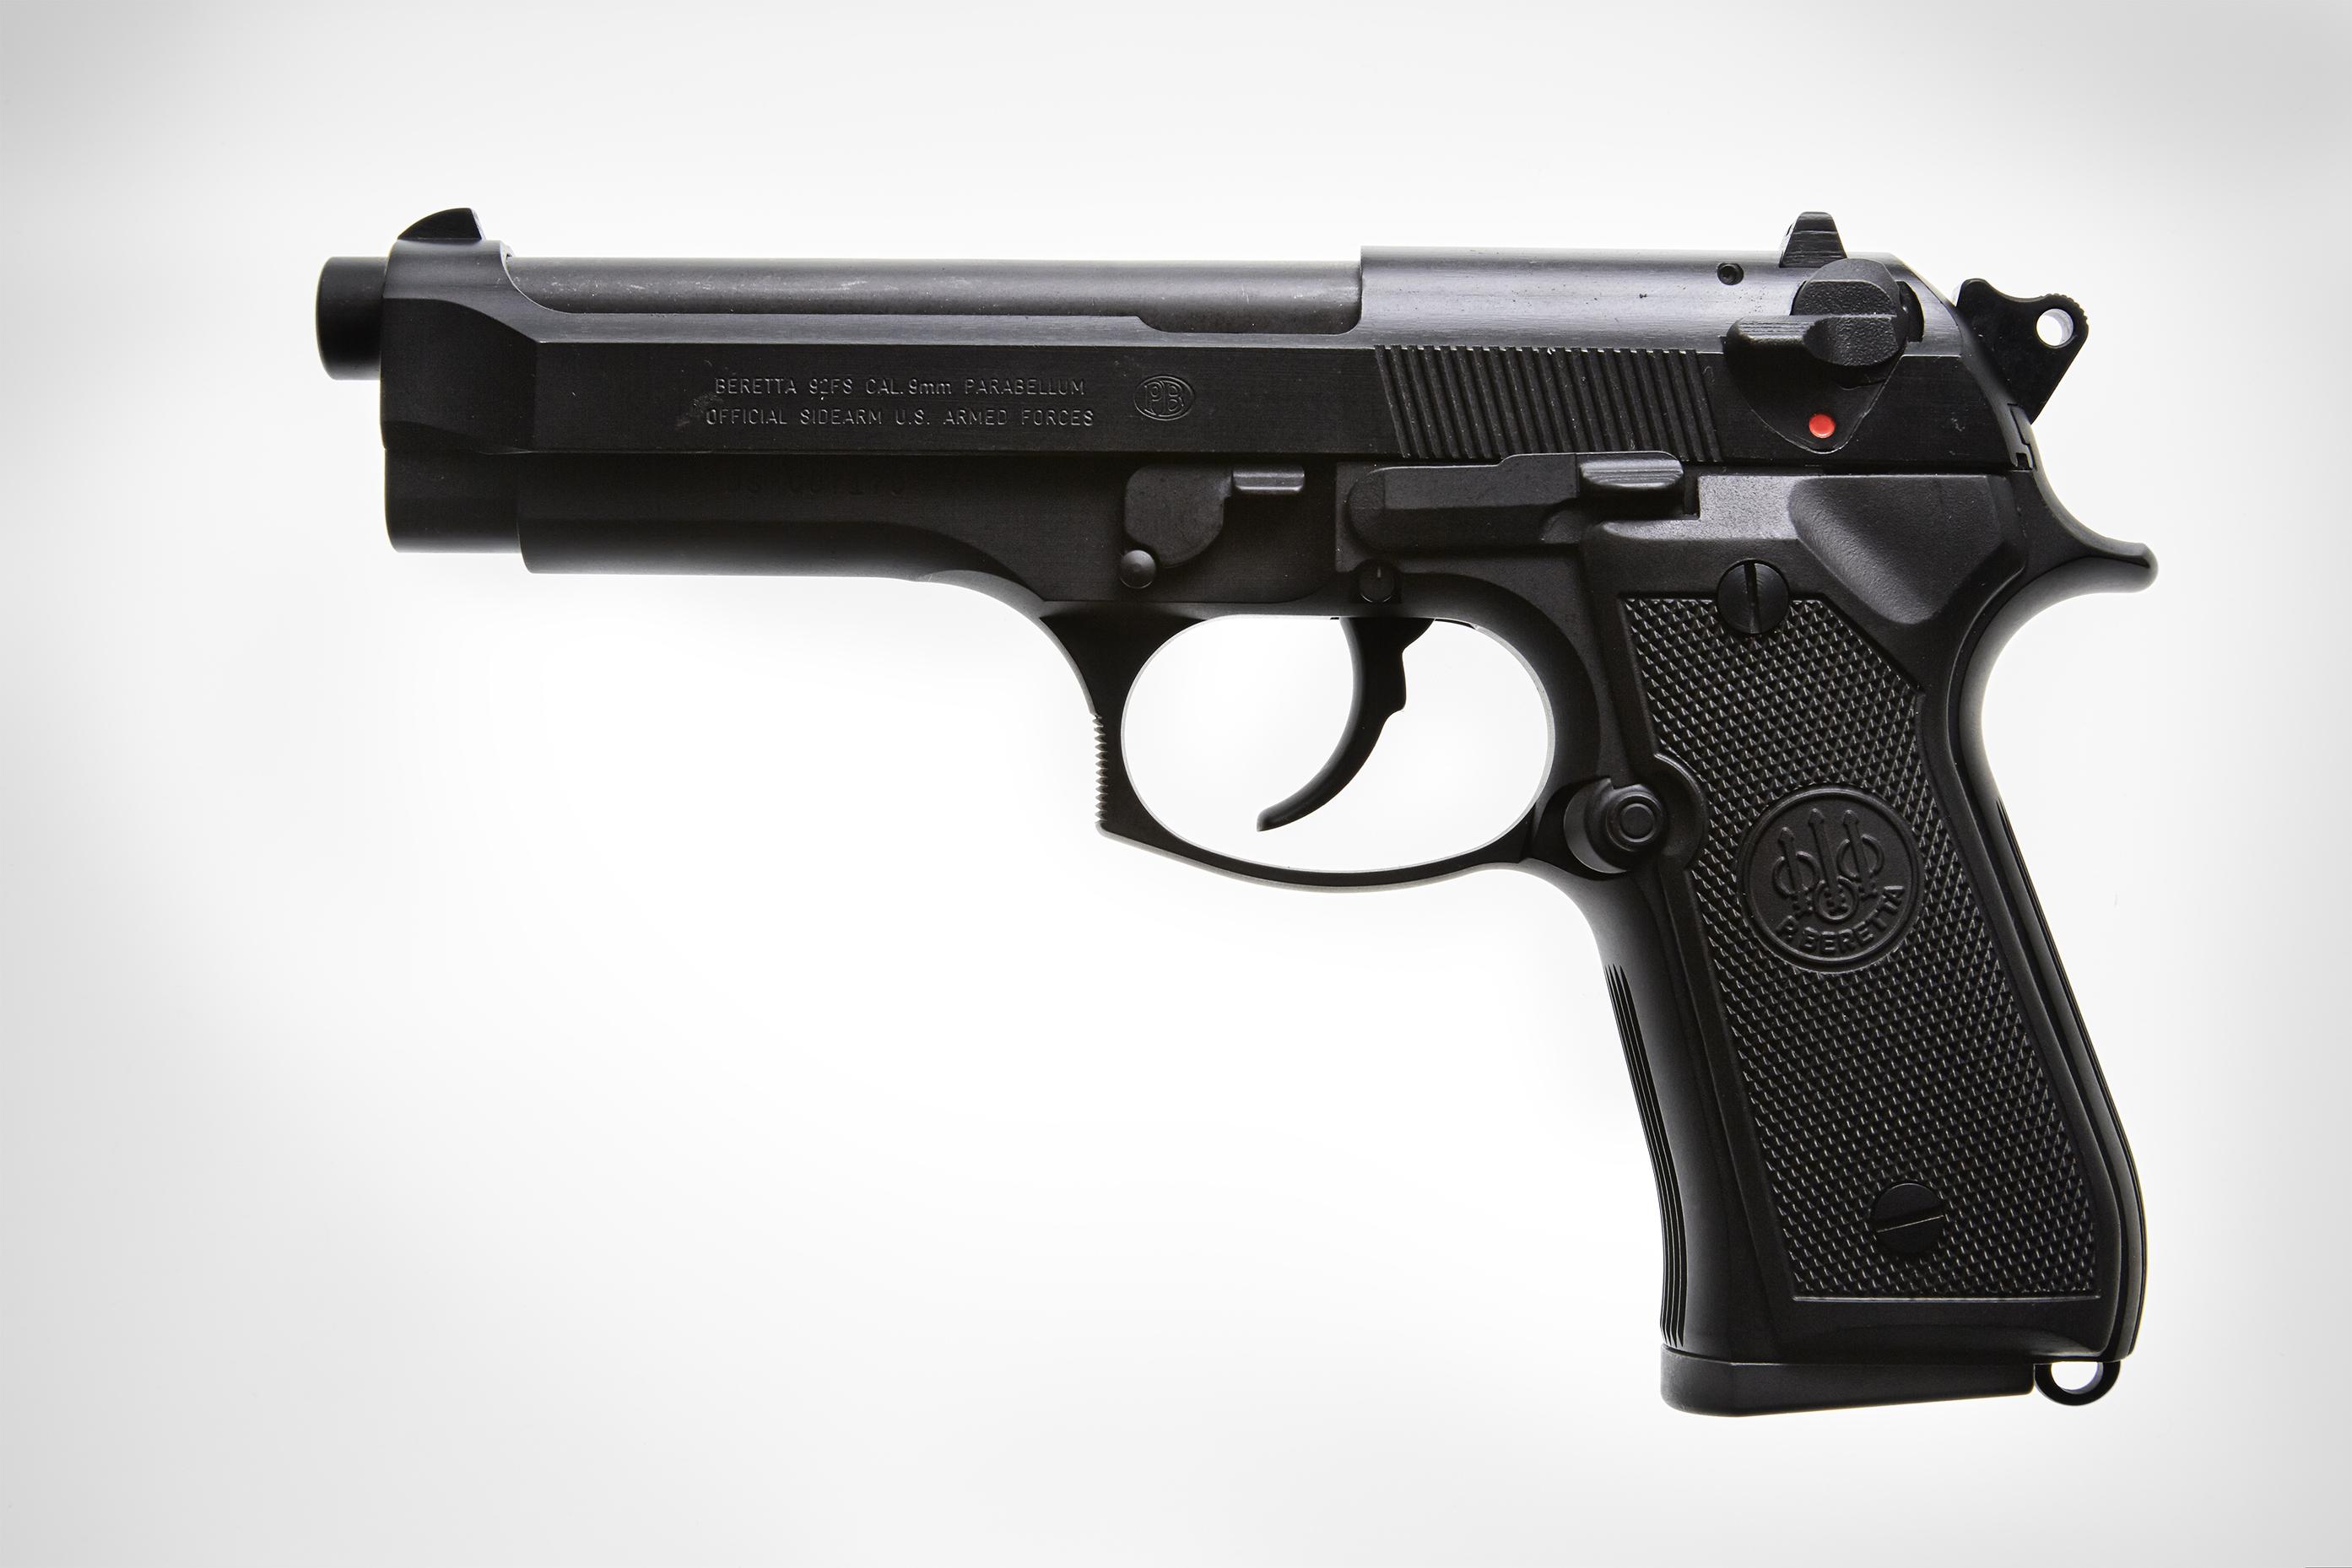 Beretta Sharp 50